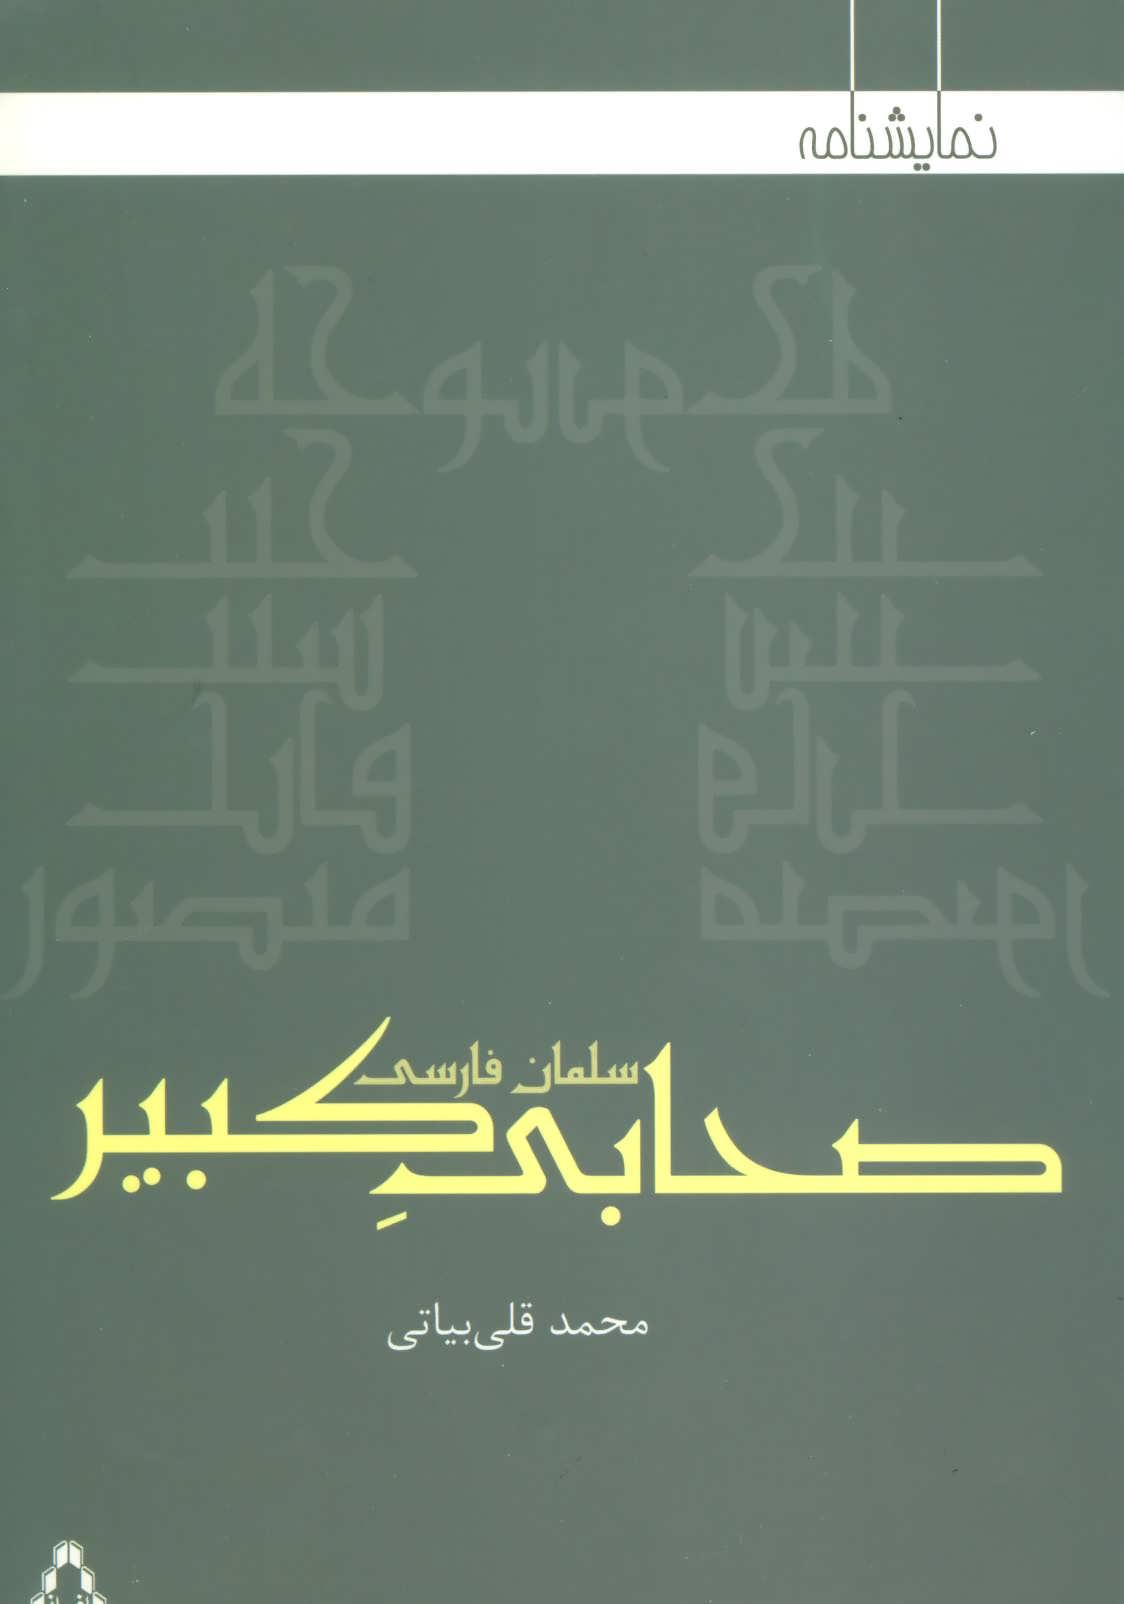 صحابي كبير:سلمان فارسي (نمايشنامه)